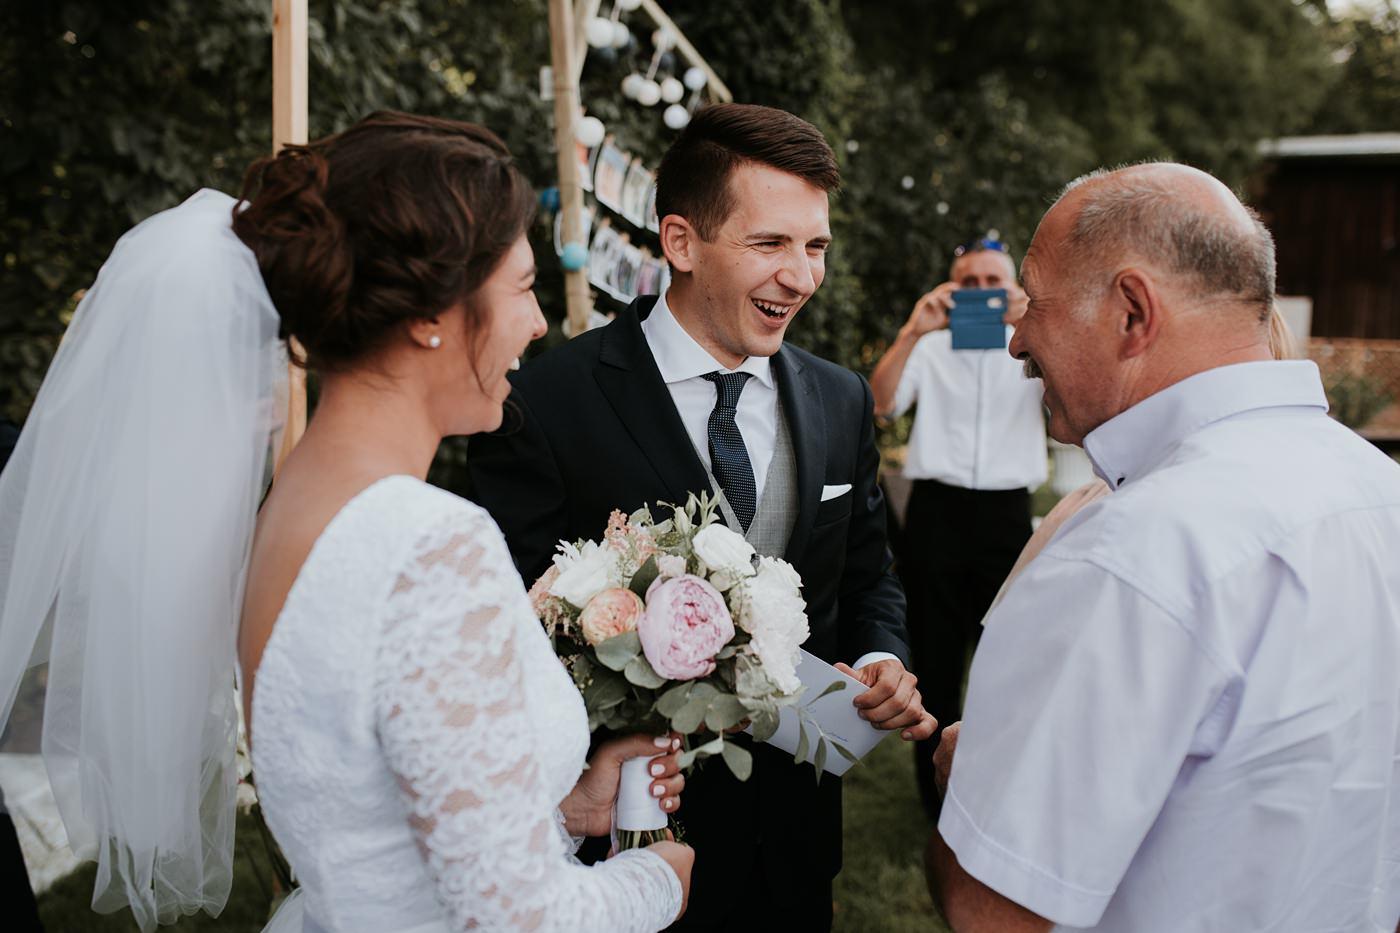 Dominika & Aleksander - Rustykalne wesele w stodole - Baborówko 80